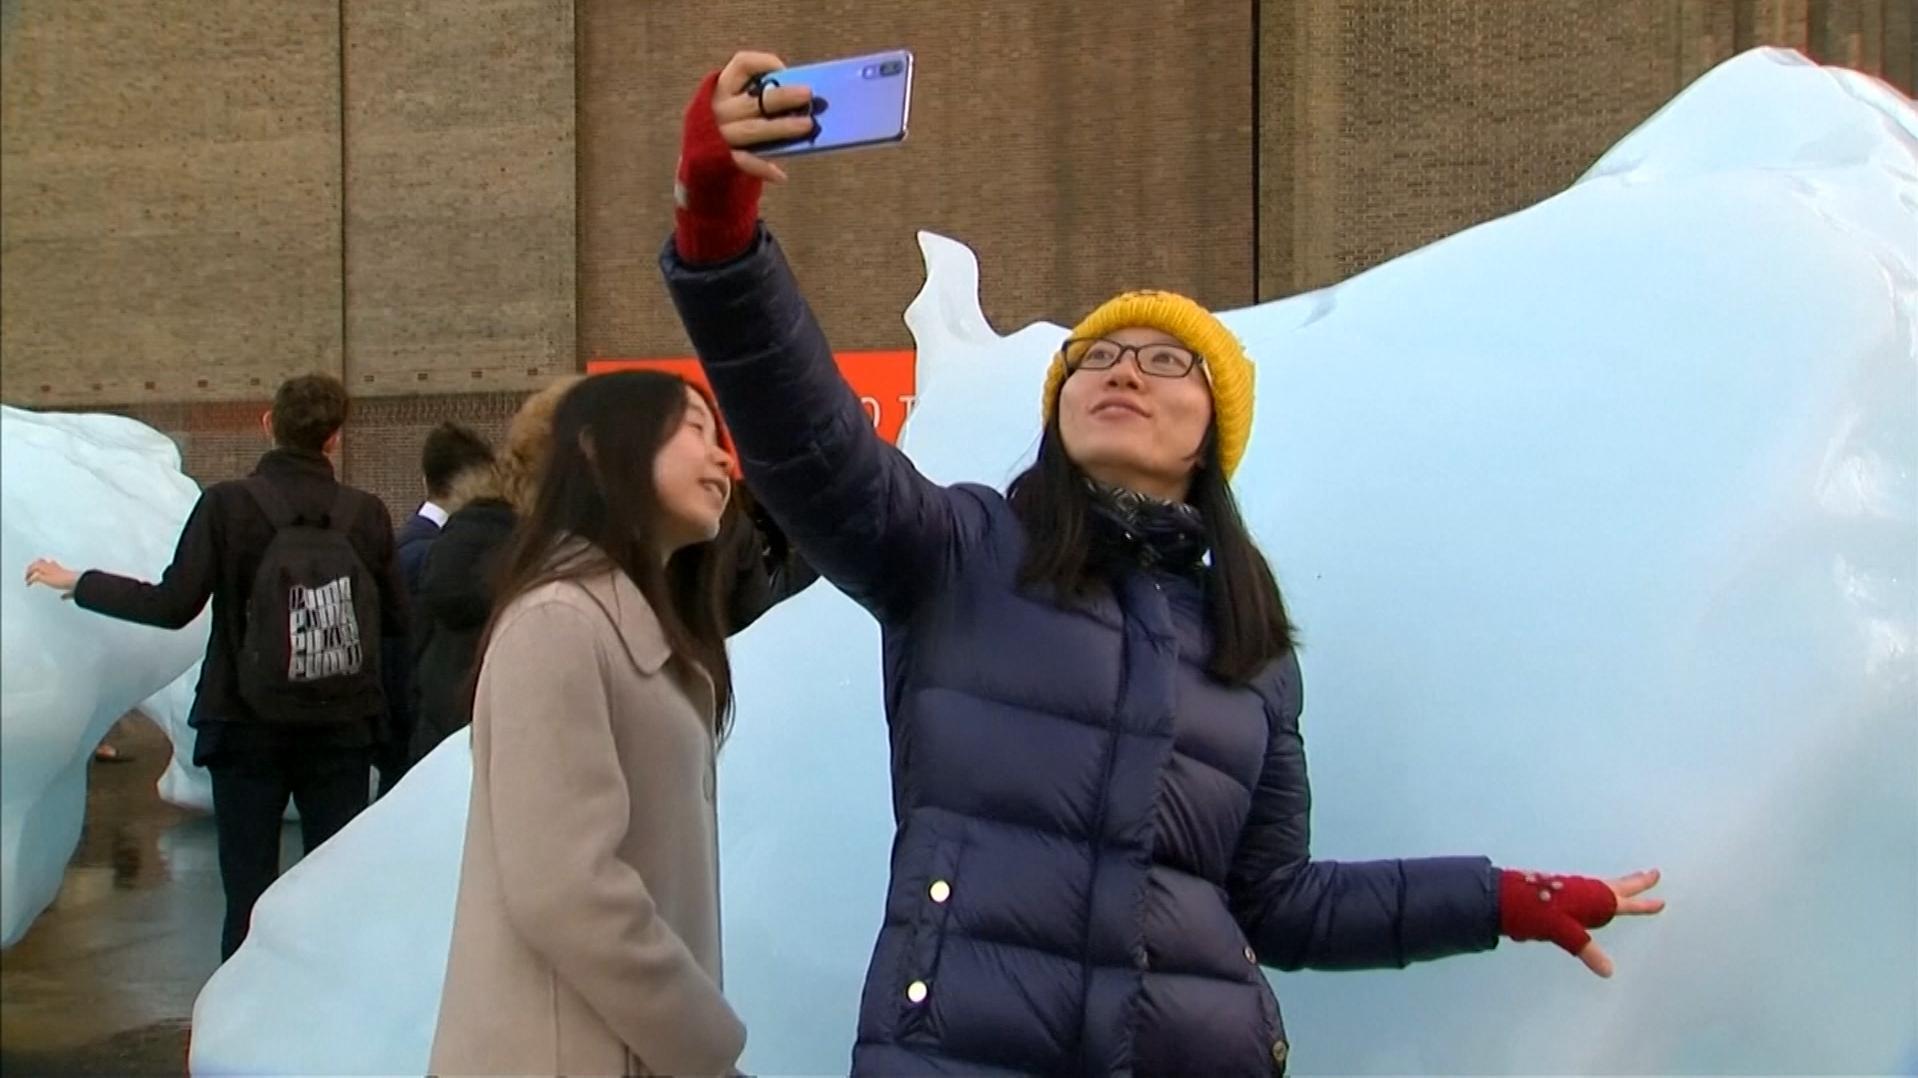 Touristin in London vor schmelzendem Eisberg